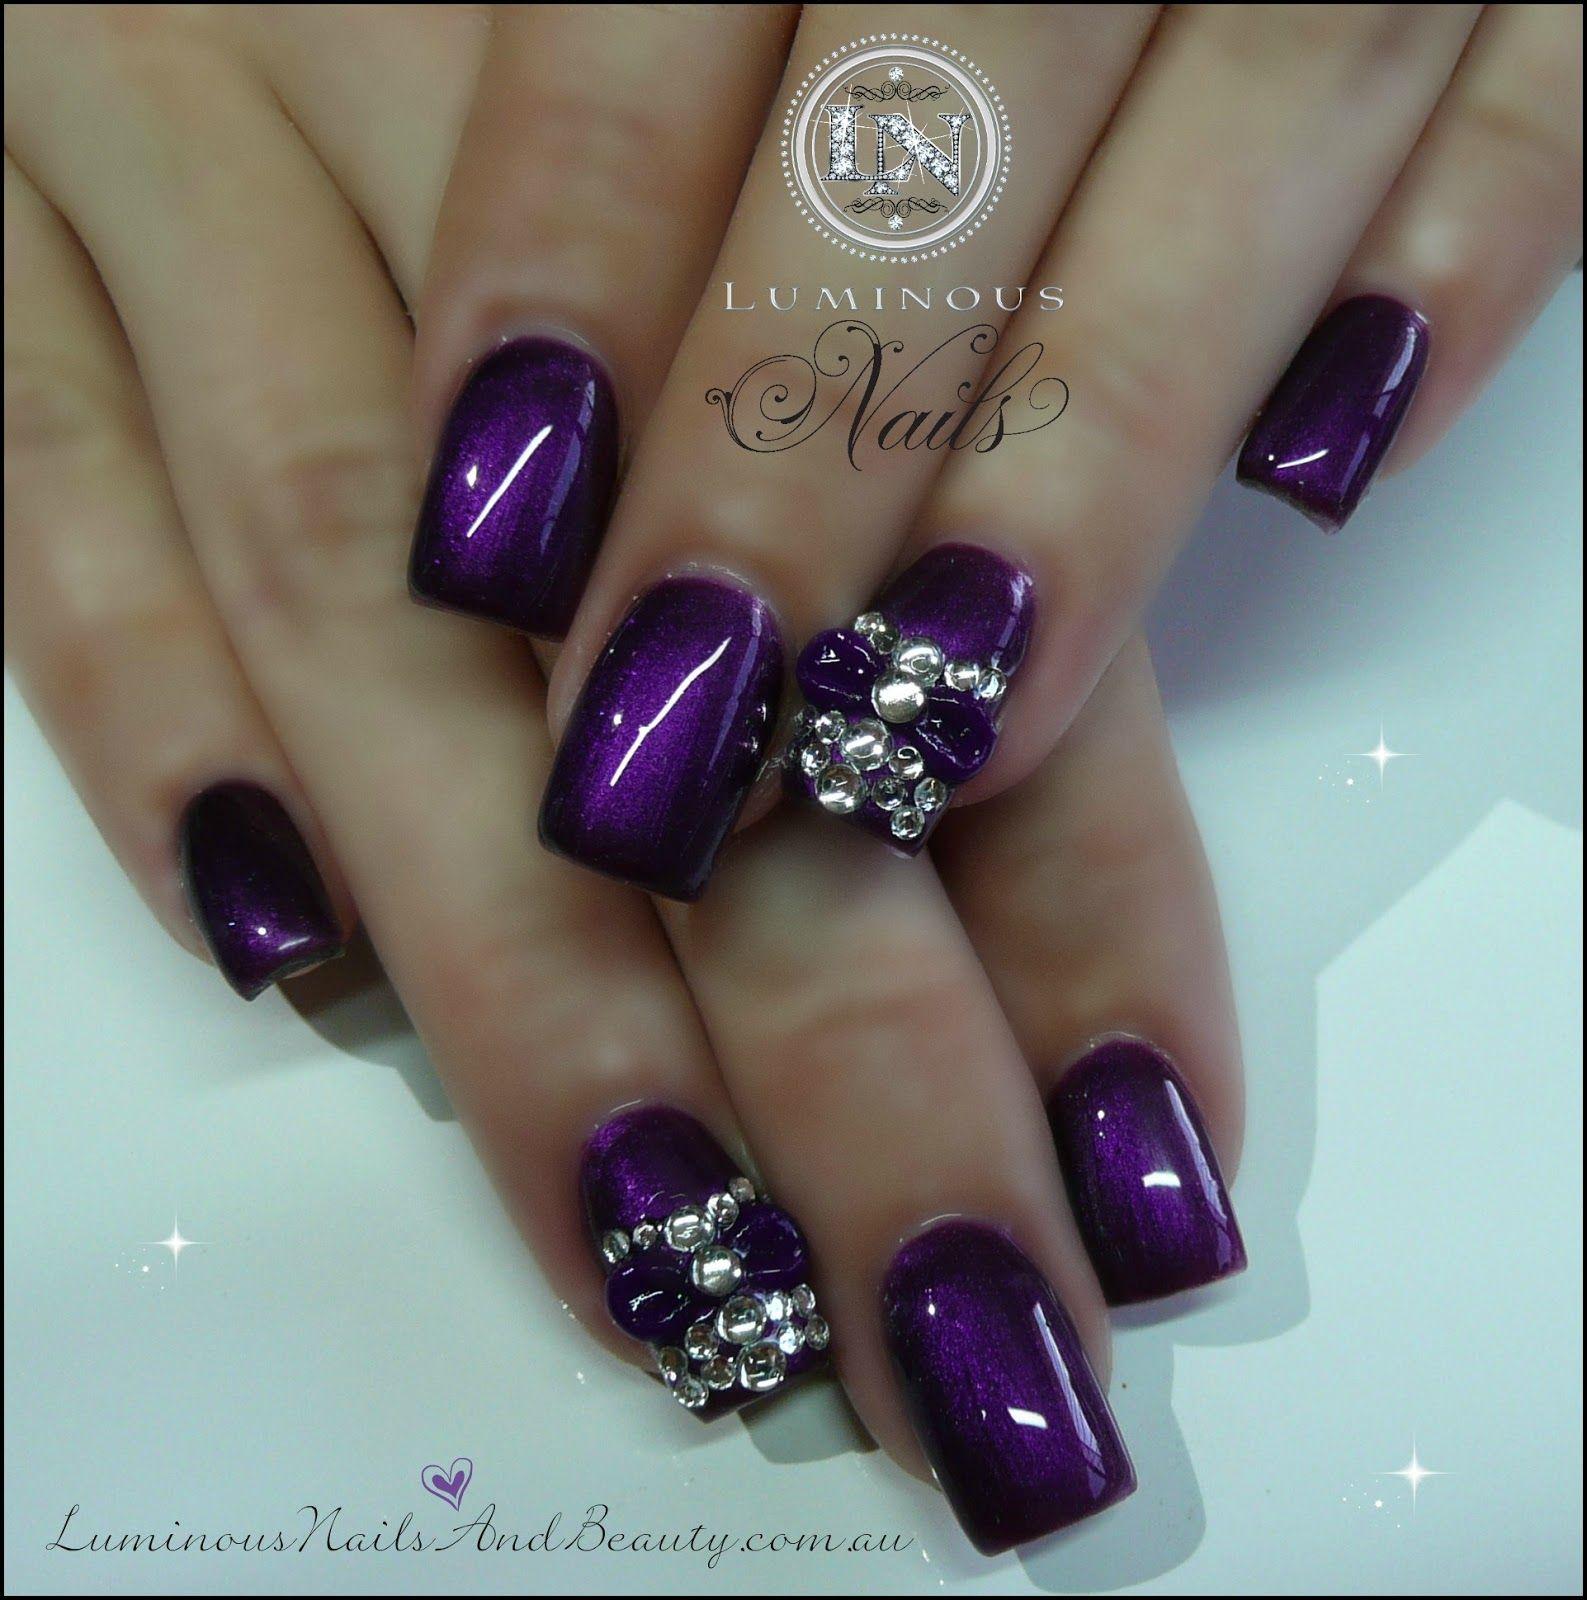 Luminous Nails: Rich Purple Nails with 3D Bows & Bling!.. | Nail art ...